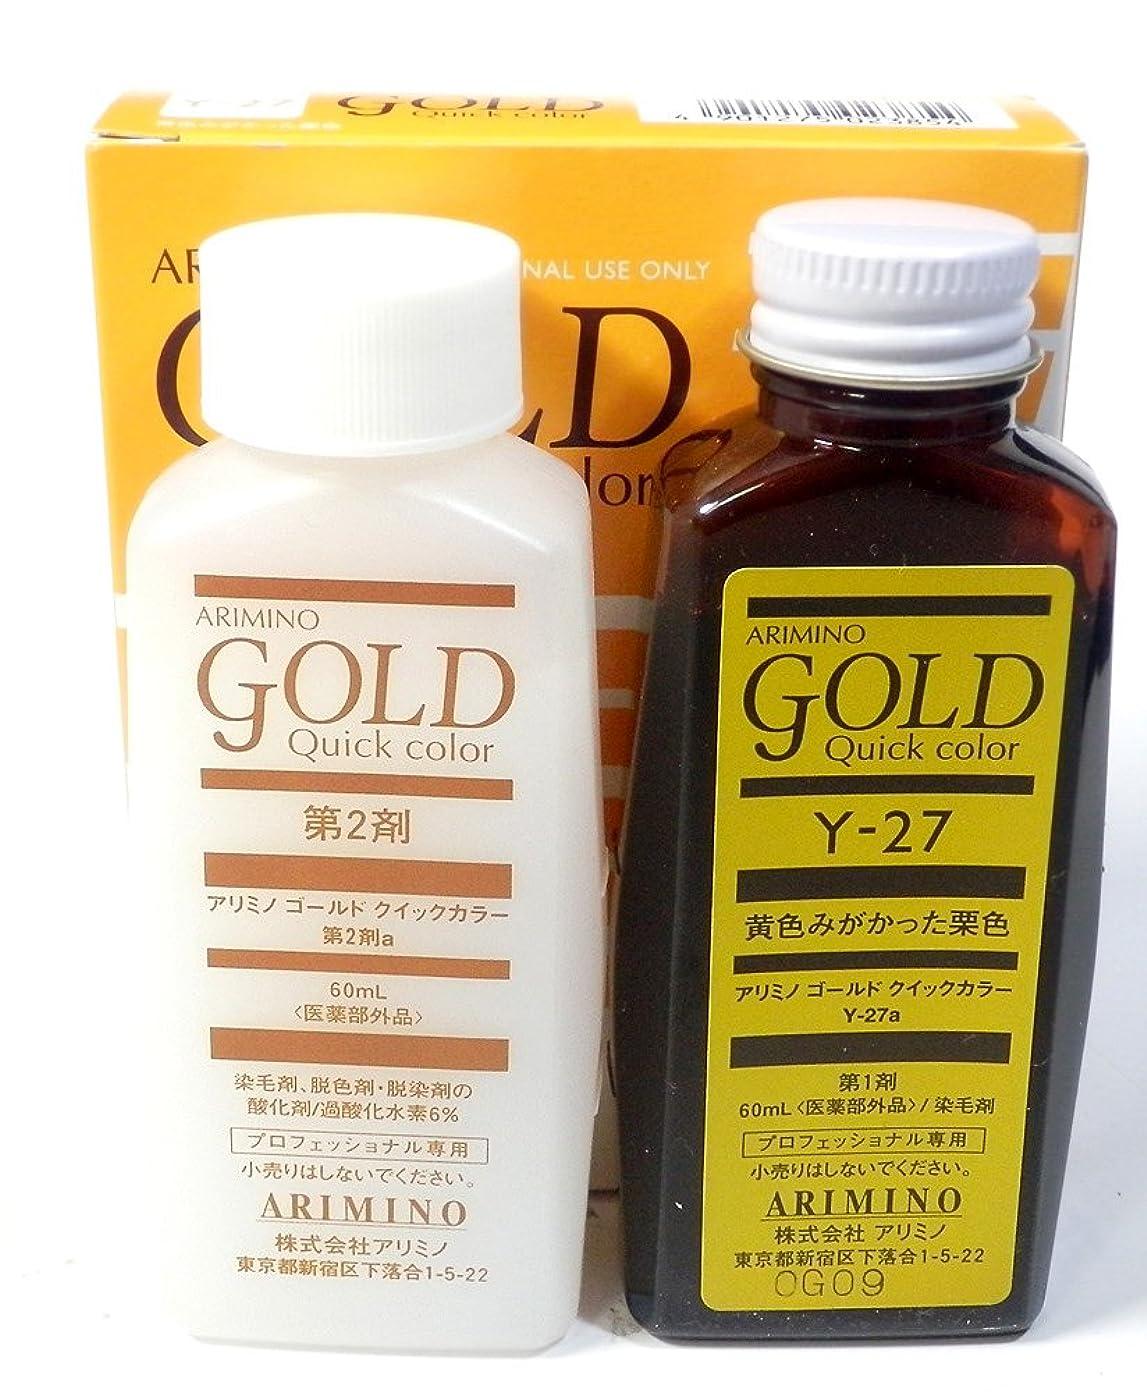 急性二十講義アリミノ ARIMINO ゴールド クイックカラー Y-27 白髪染め 新品 黄色みがかった栗色